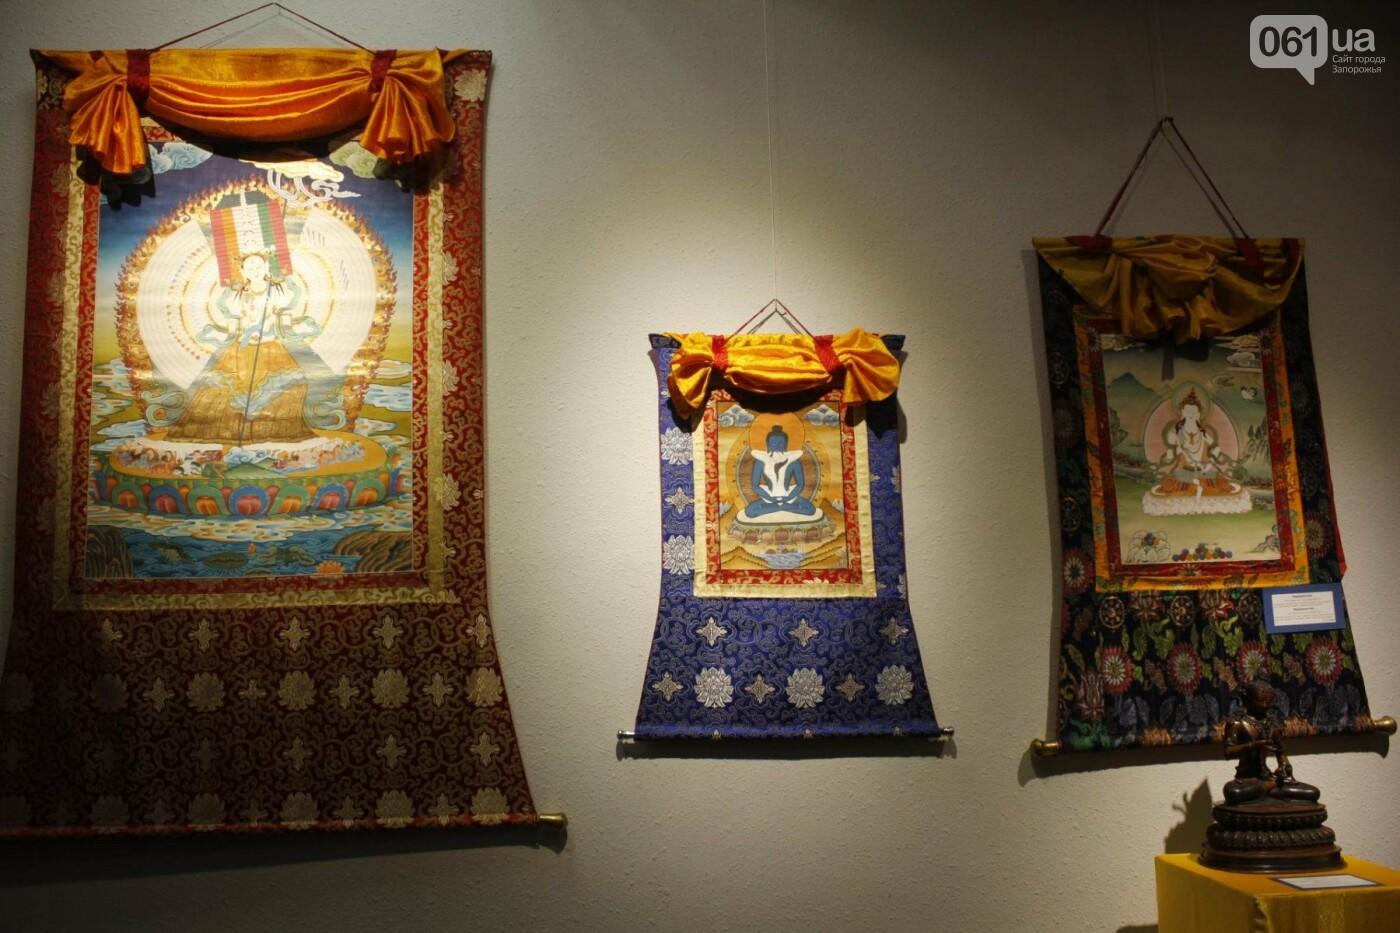 """В Запорожье выставка """"Сокровища Тибета"""" открыла Дни буддийской культуры, - ФОТОРЕПОРТАЖ, фото-22"""